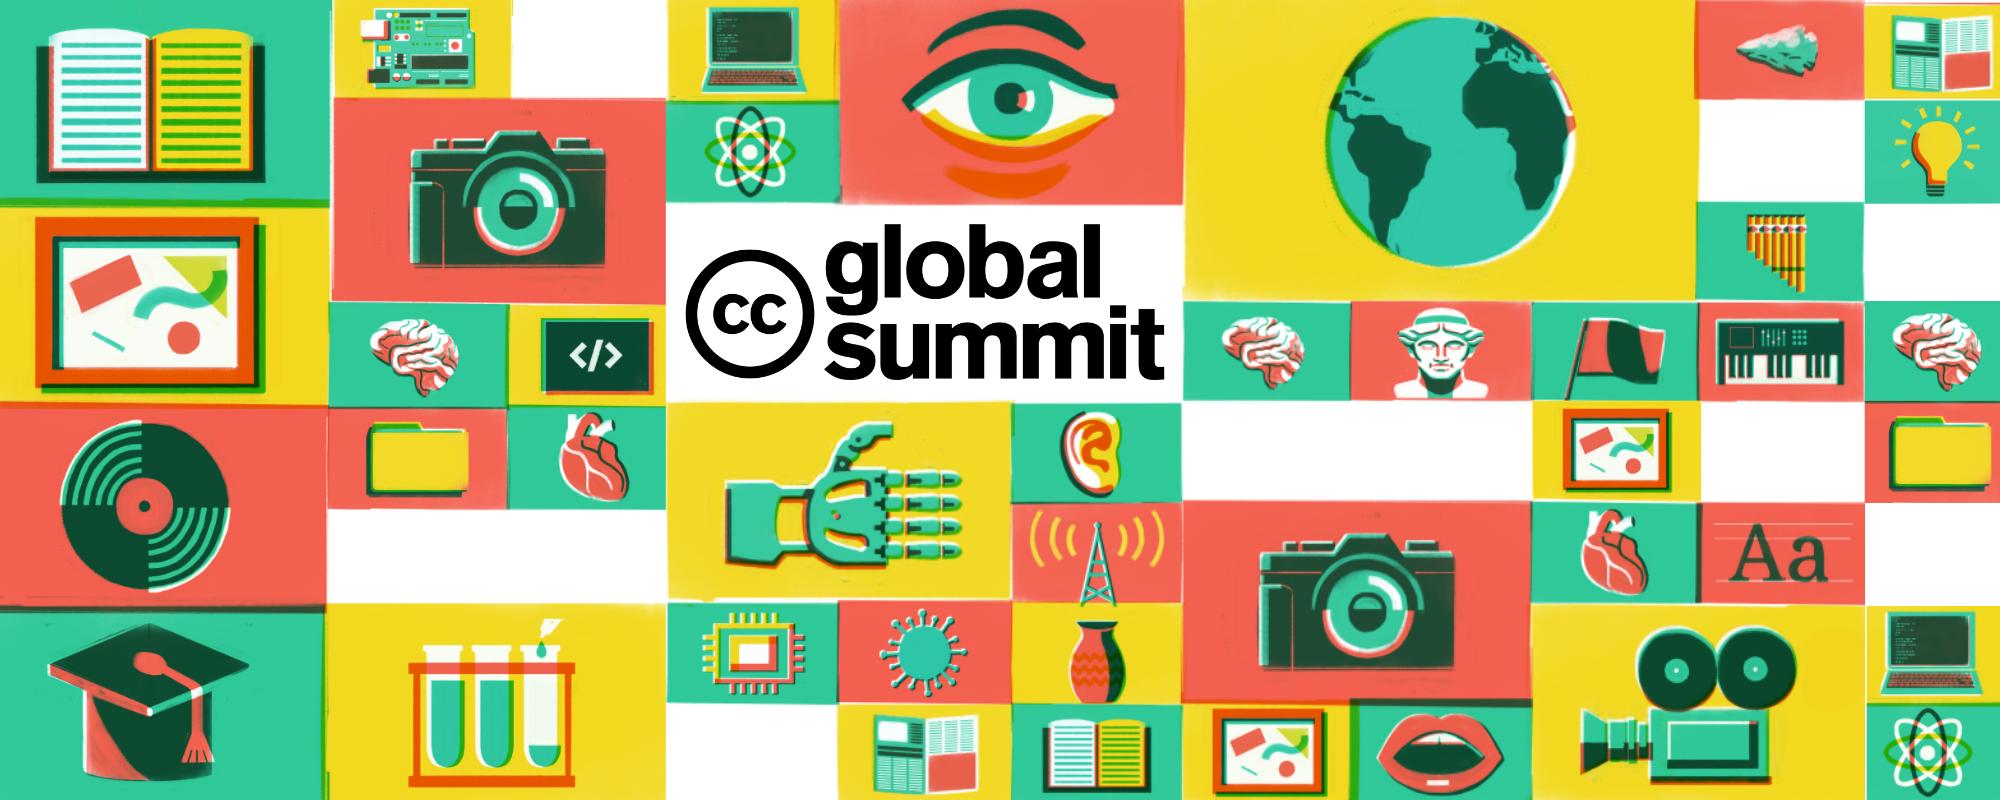 CC Global